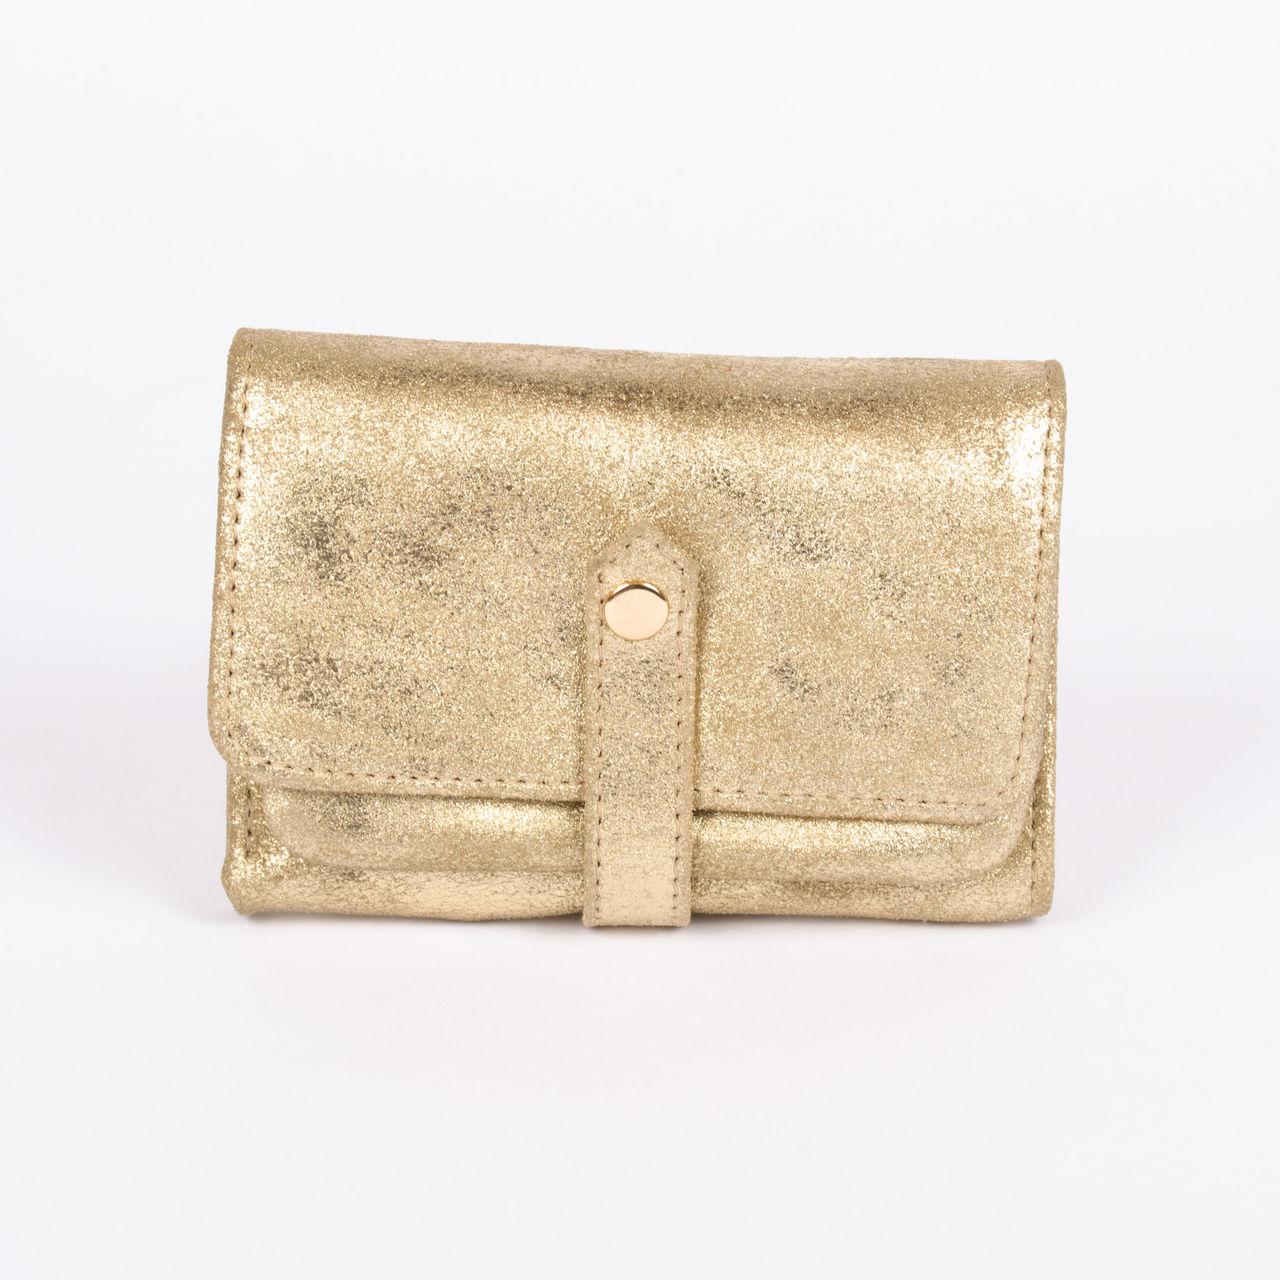 info pour 05917 8c91a La Femme › Bagagerie › Petite Maroquinerie › Porte-monnaie /cartes Petite  Mendigote - Cosmos Foil Gold | Boutique cdvshop.com